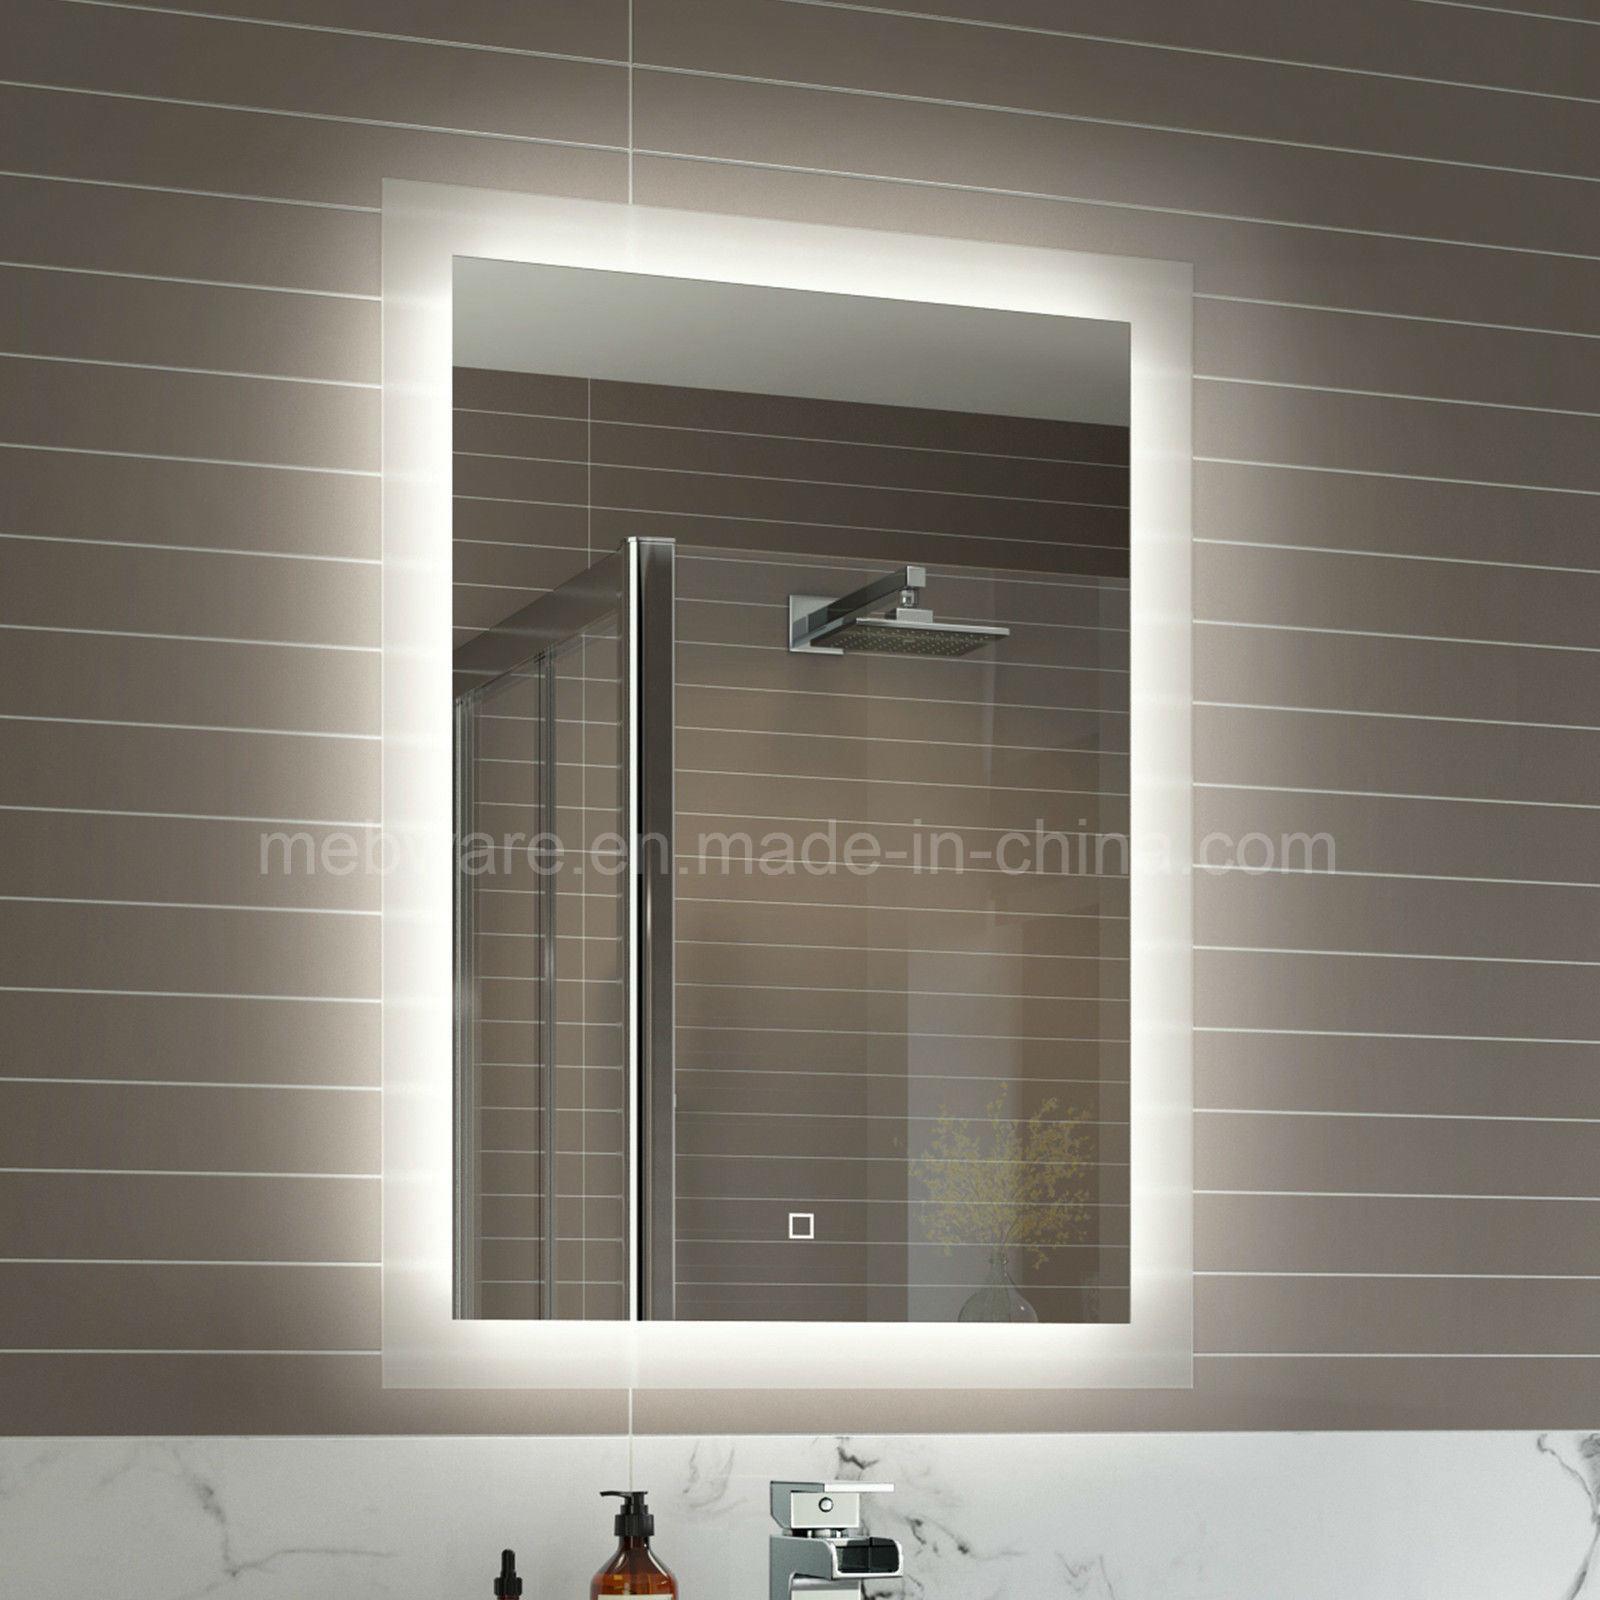 Miroir de salle de bains de sonde de la lumière box/led de miroir ...